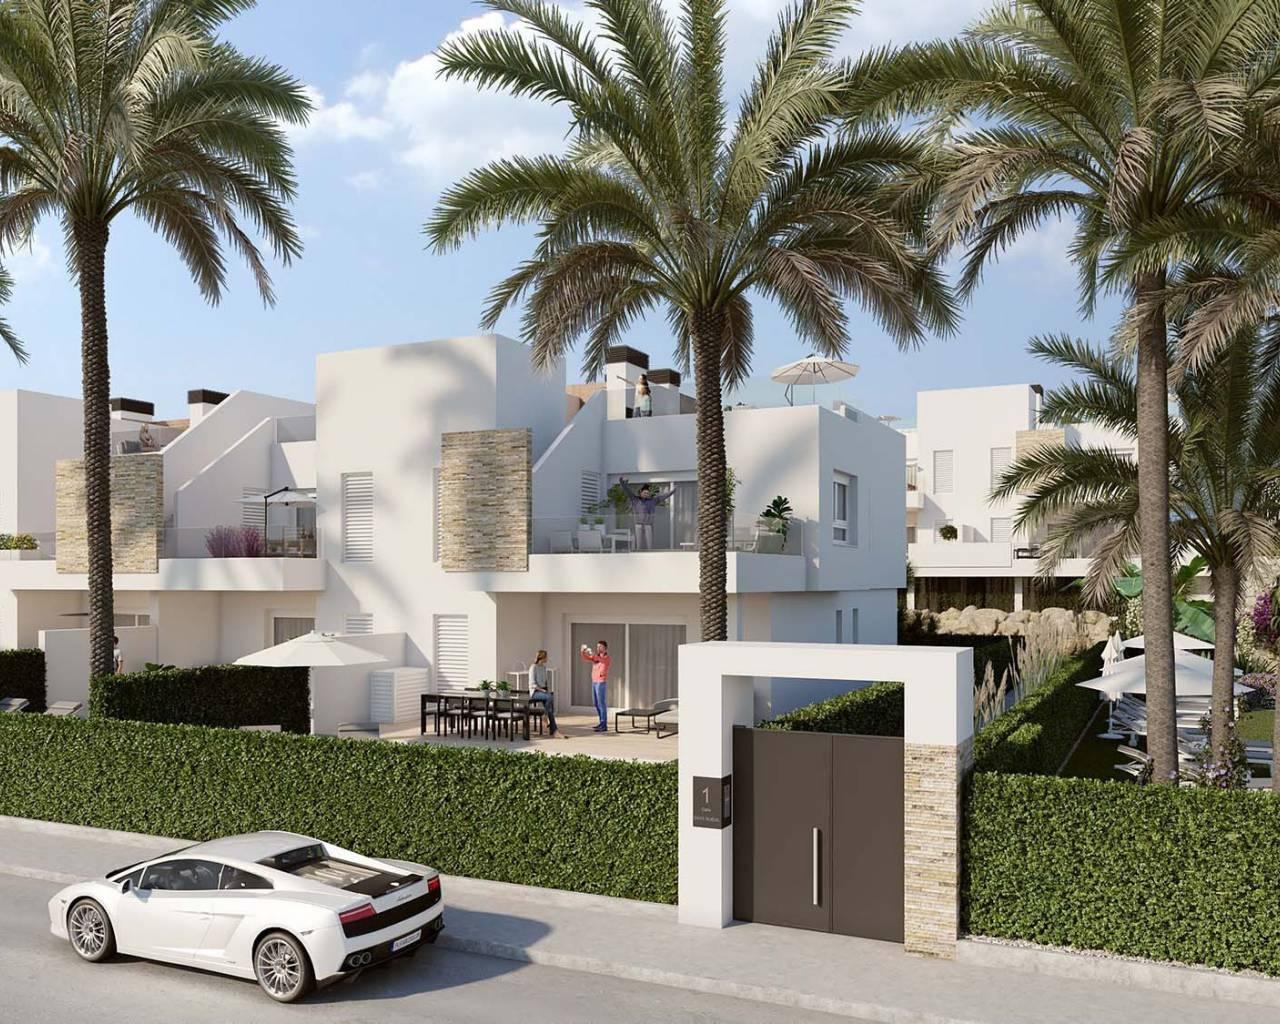 nieuwbouw-appartement-algorfa-la-finca-golf_5853_xl (1)